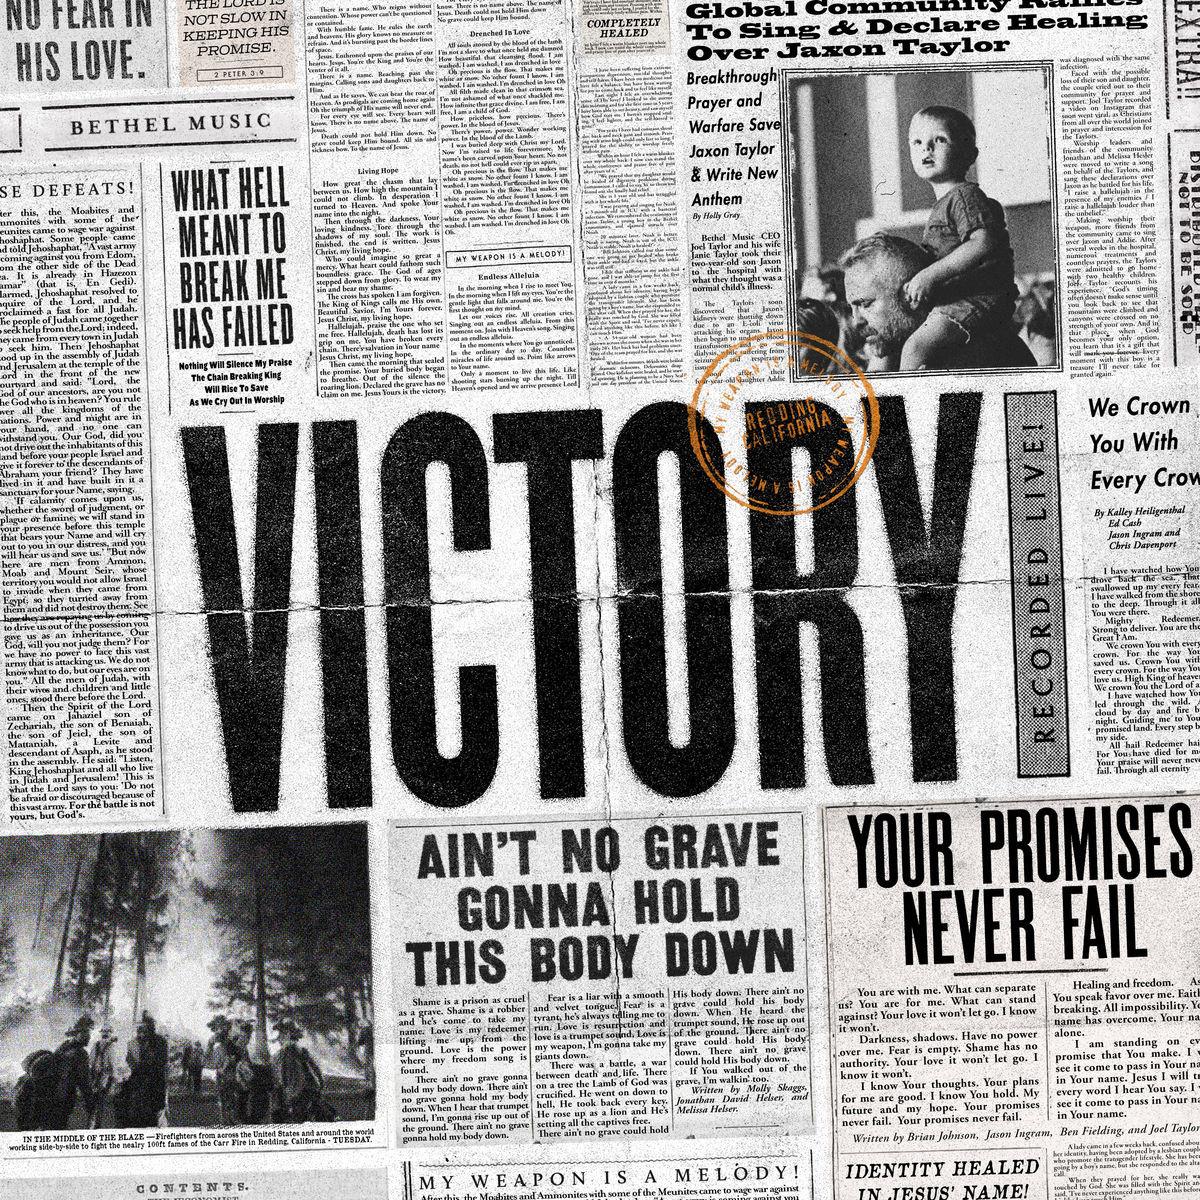 Victory 1200x1200bb.jpg